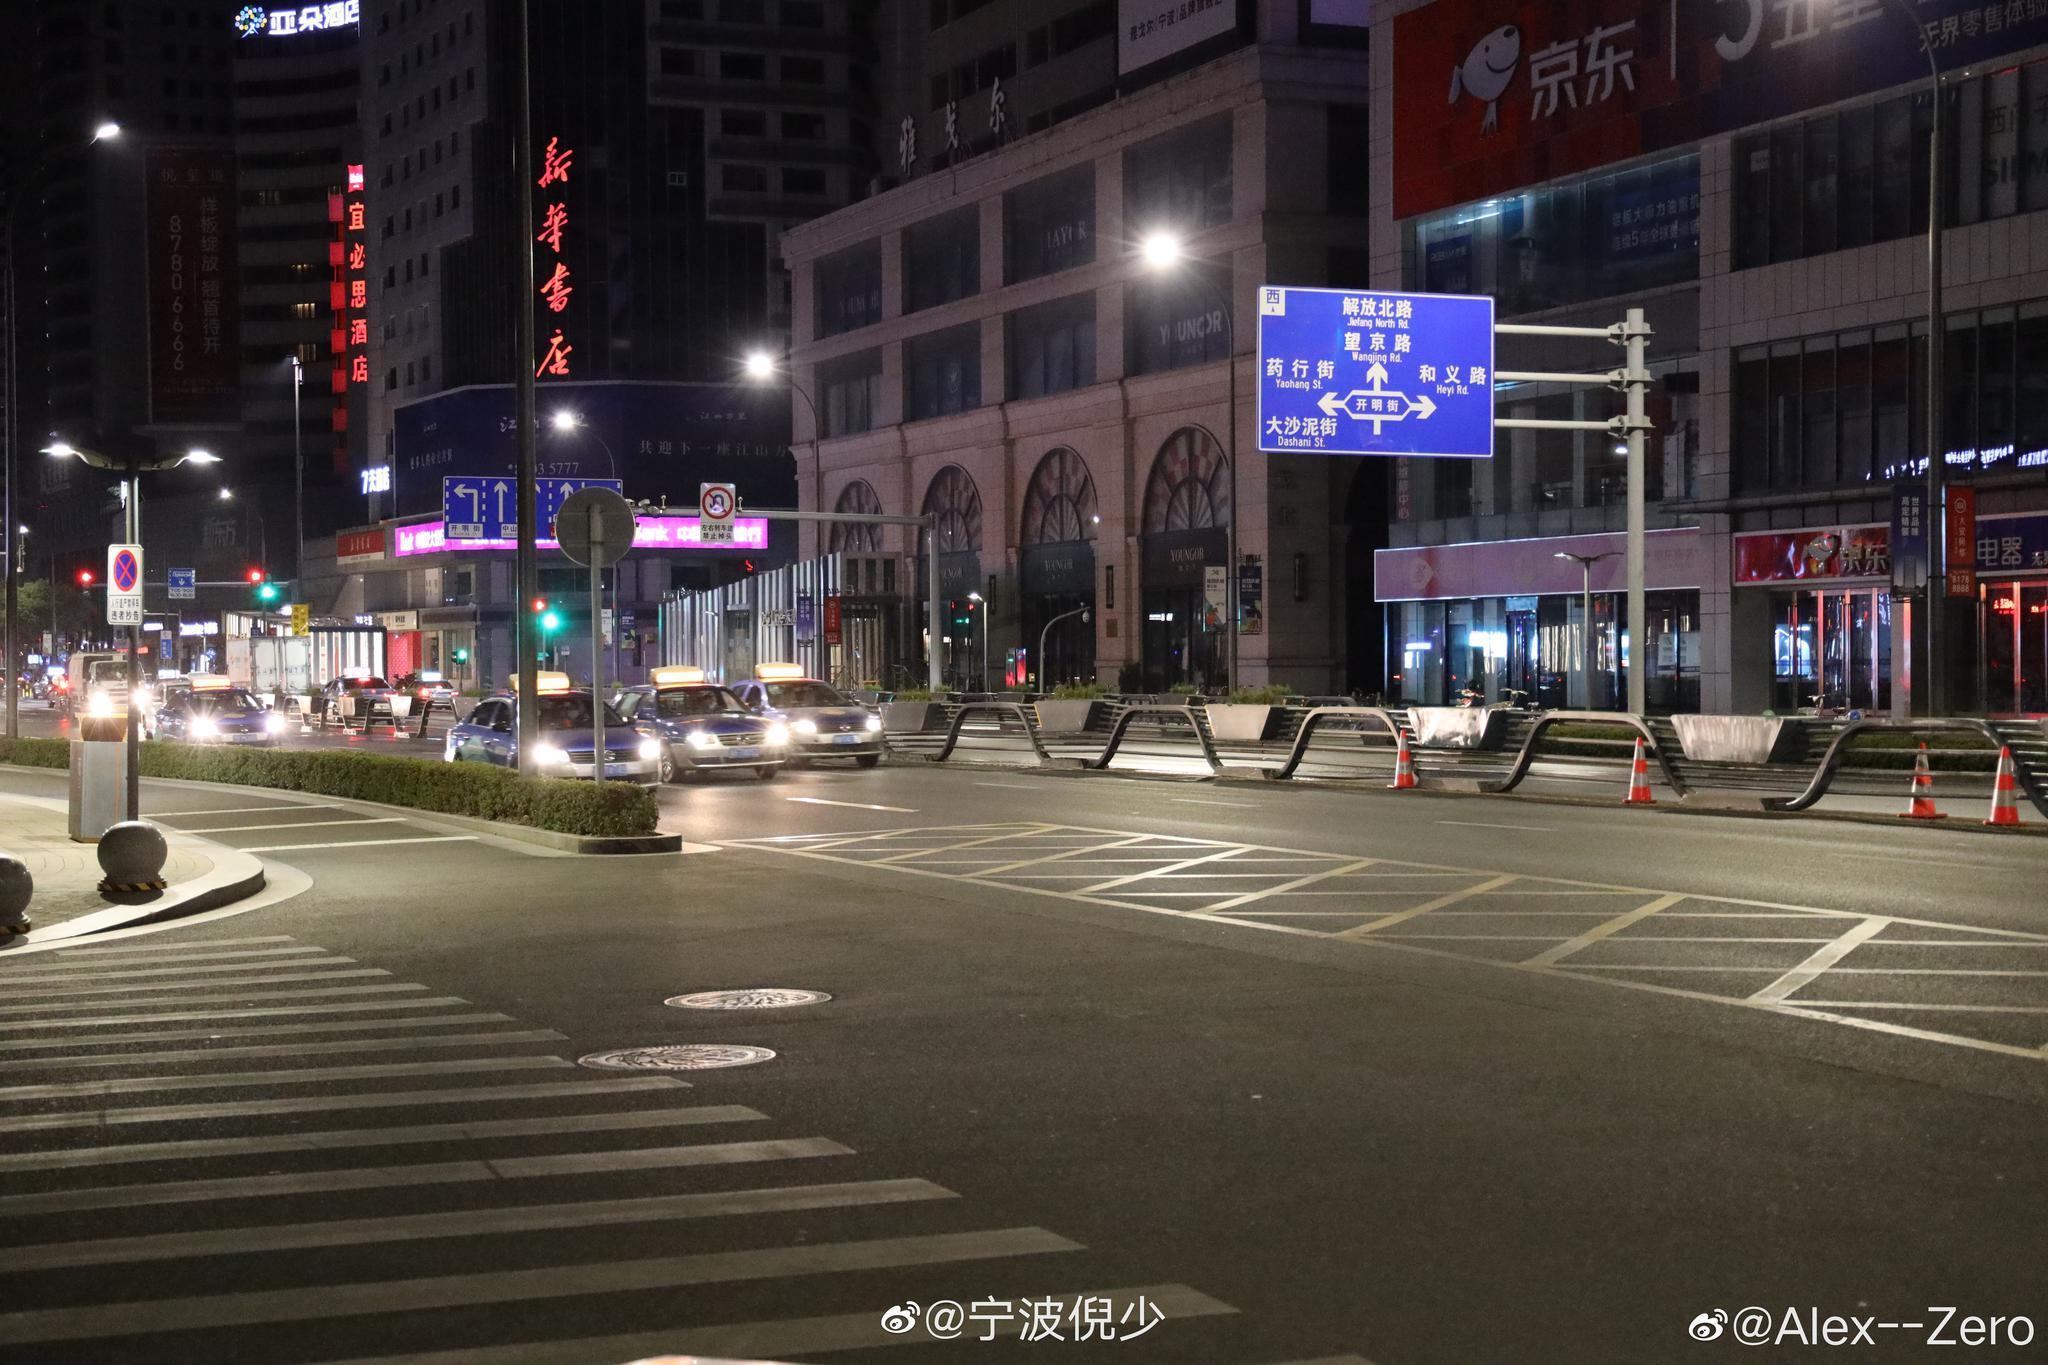 投稿:凌晨的宁波,城市不熄灯